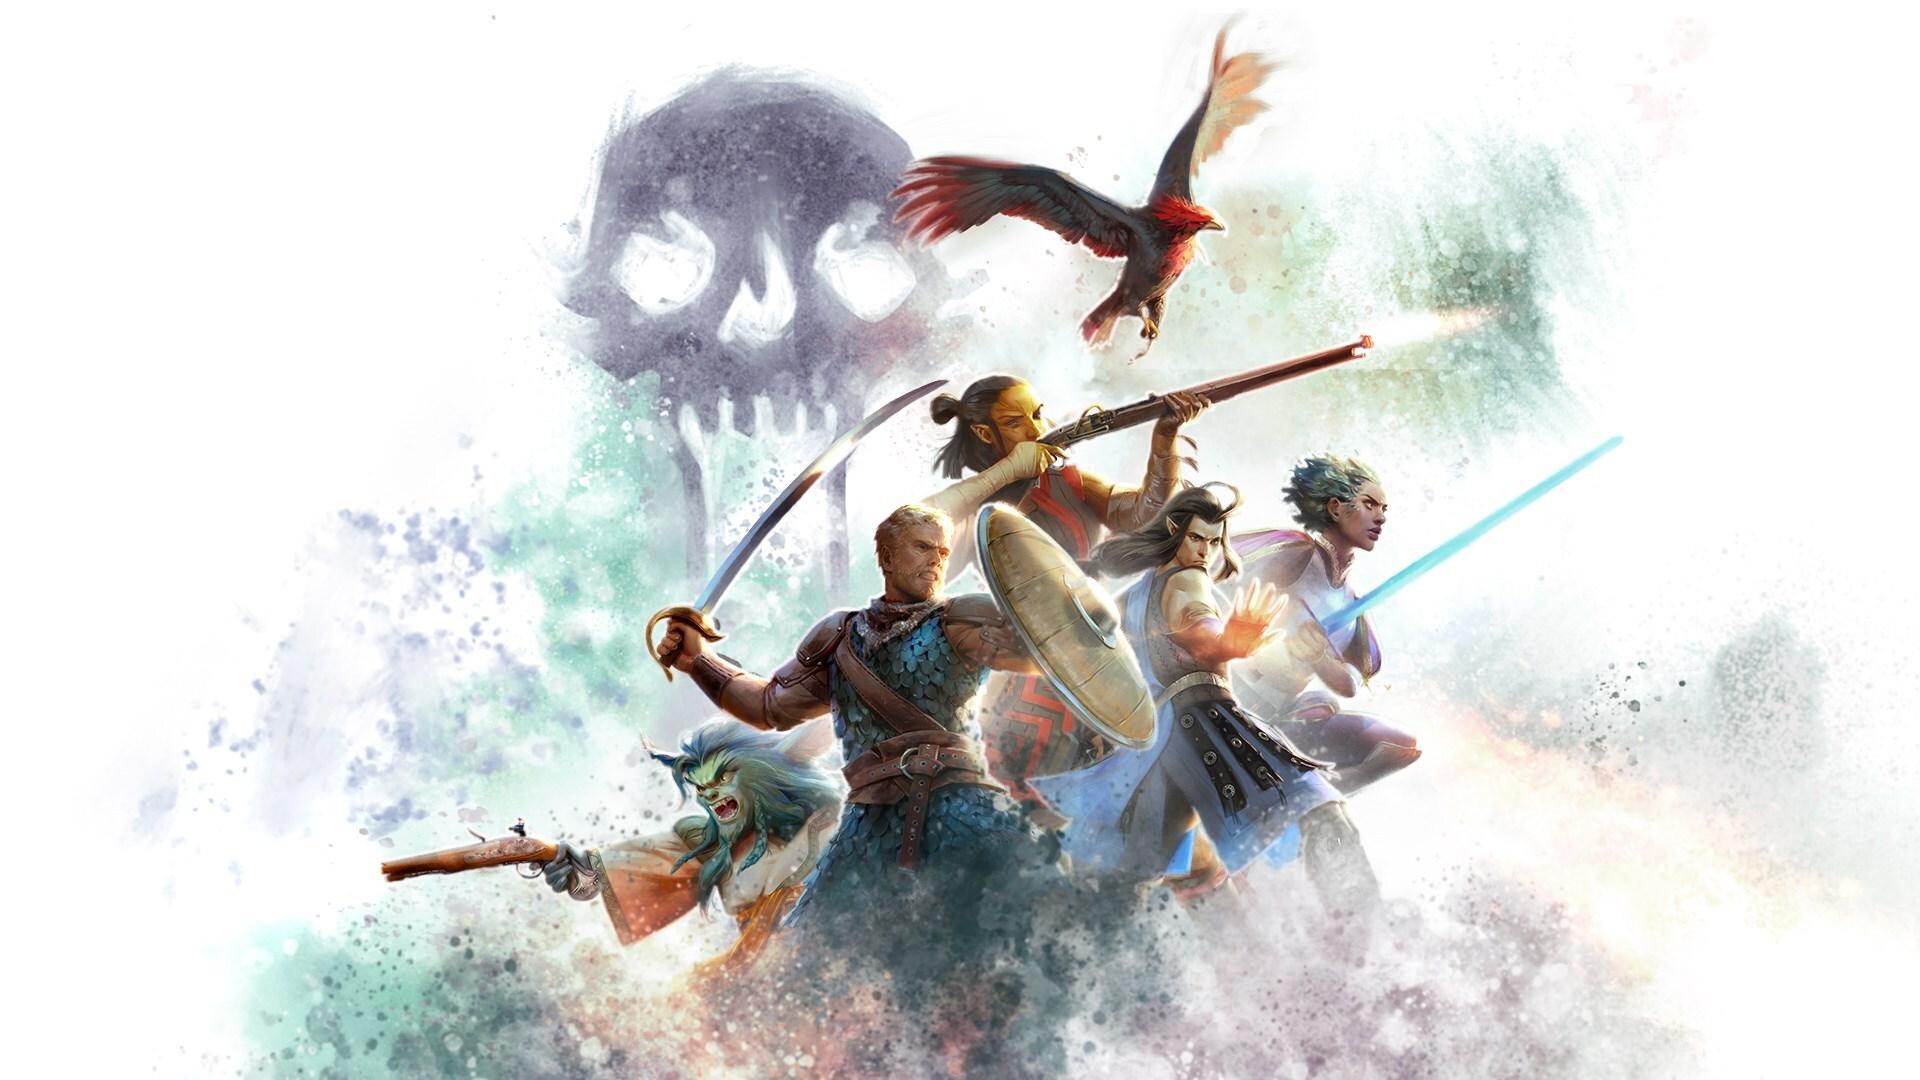 В GOG стартовала большая распродажа ролевых игр со скидками до 90%